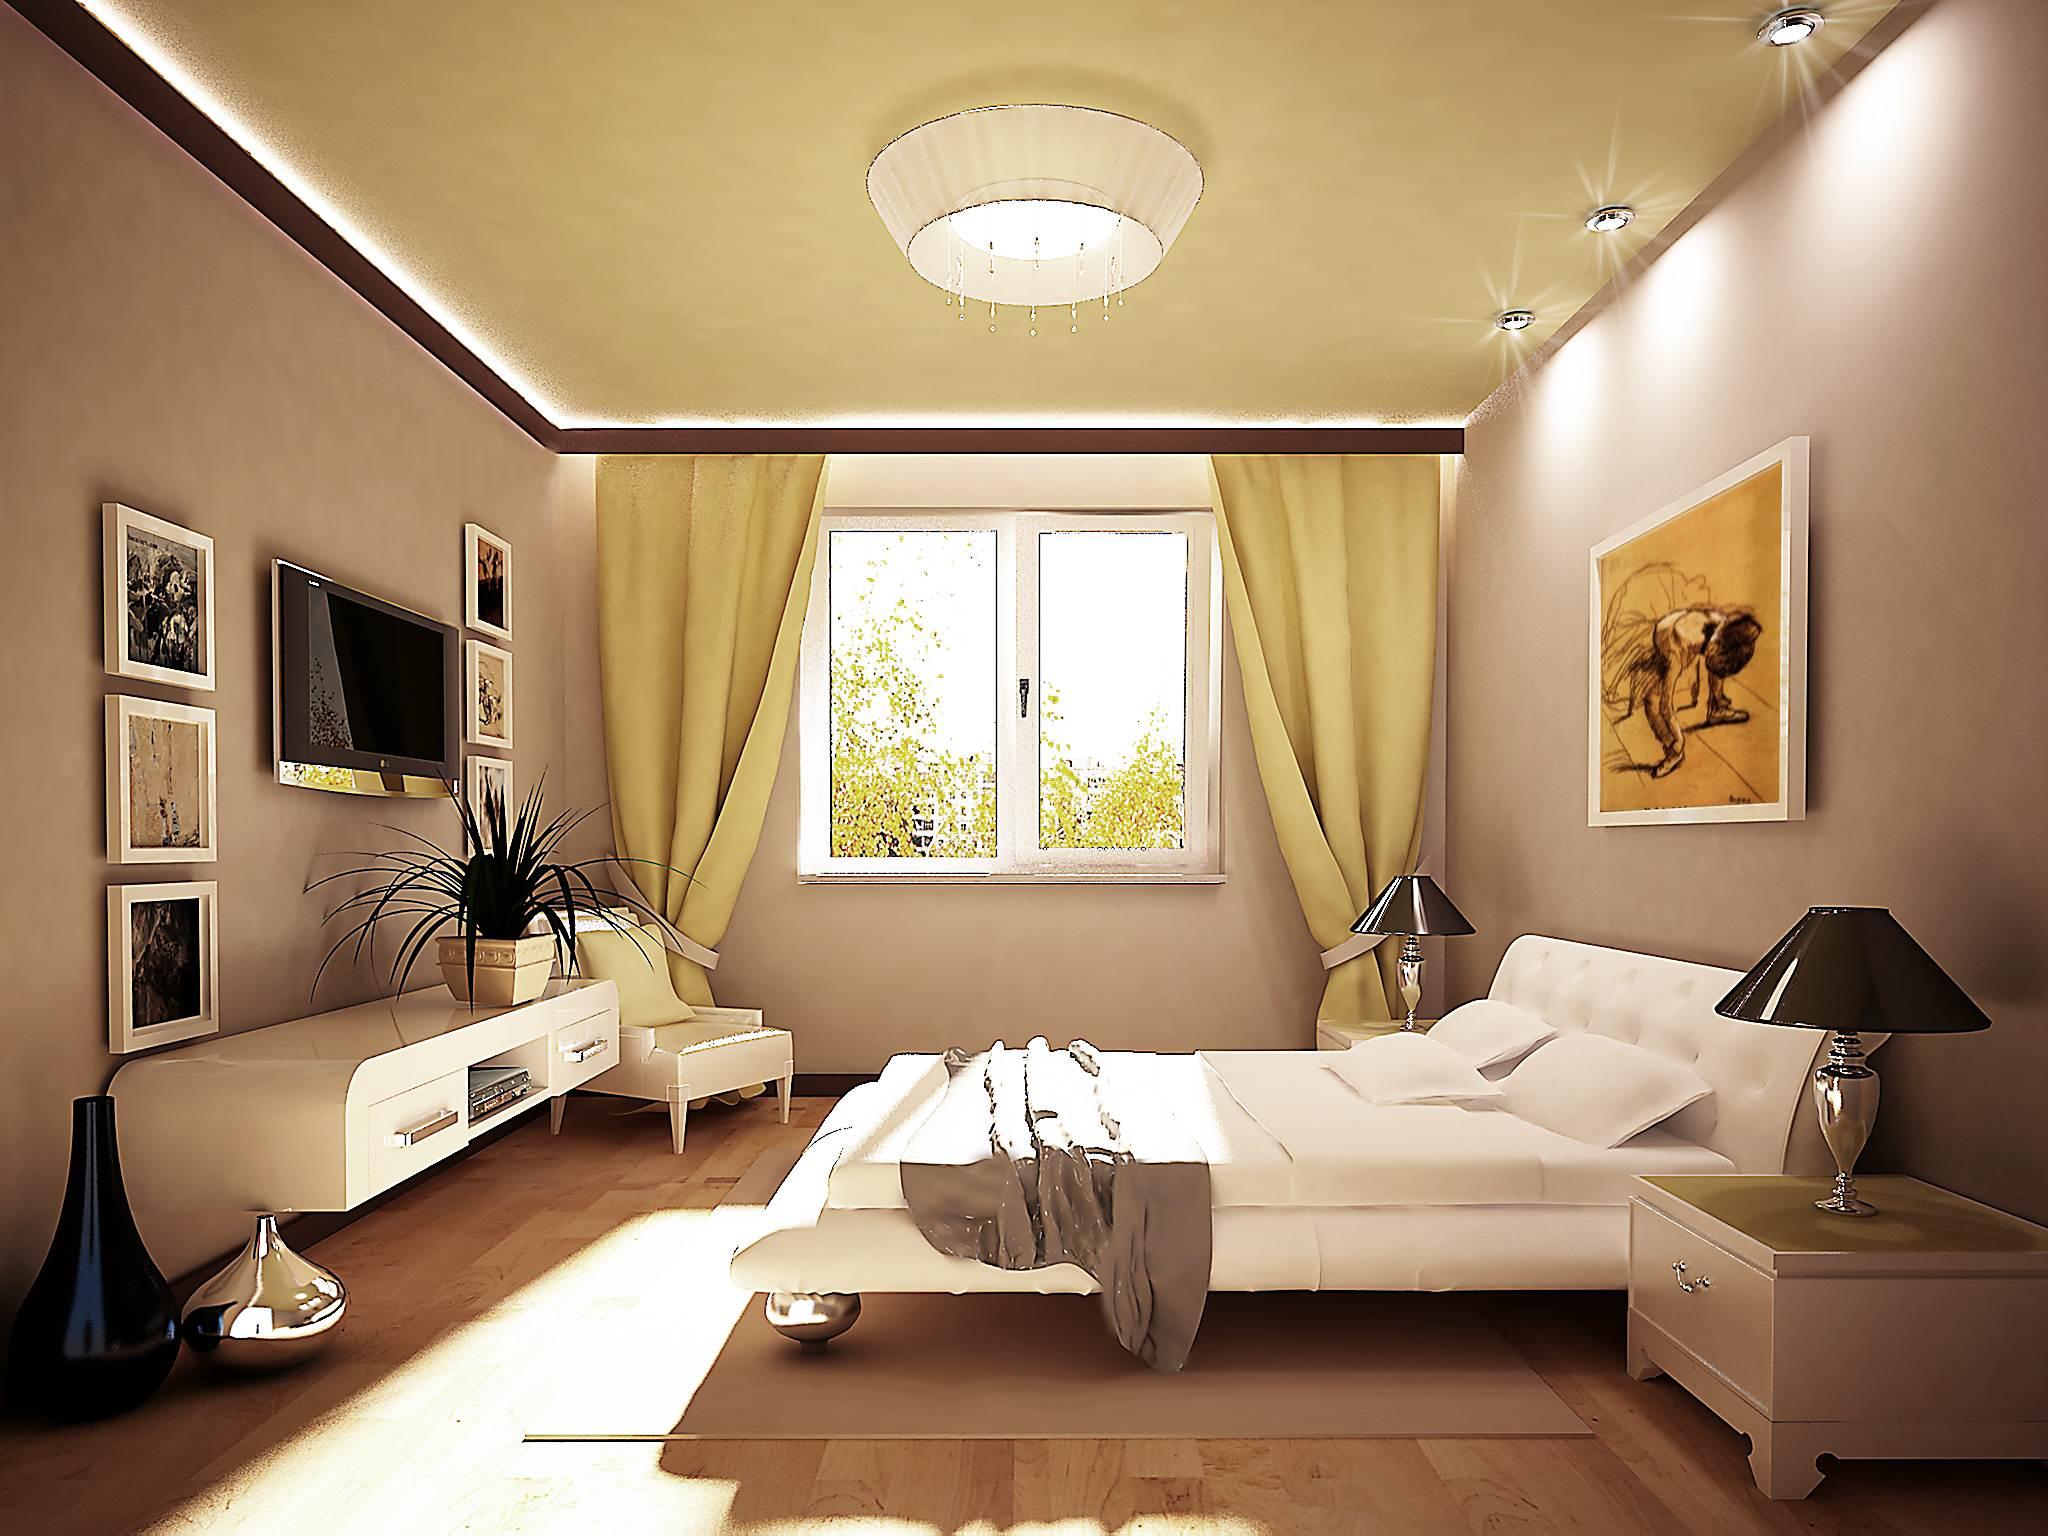 Преимущества и недостатки квартир с отделкой